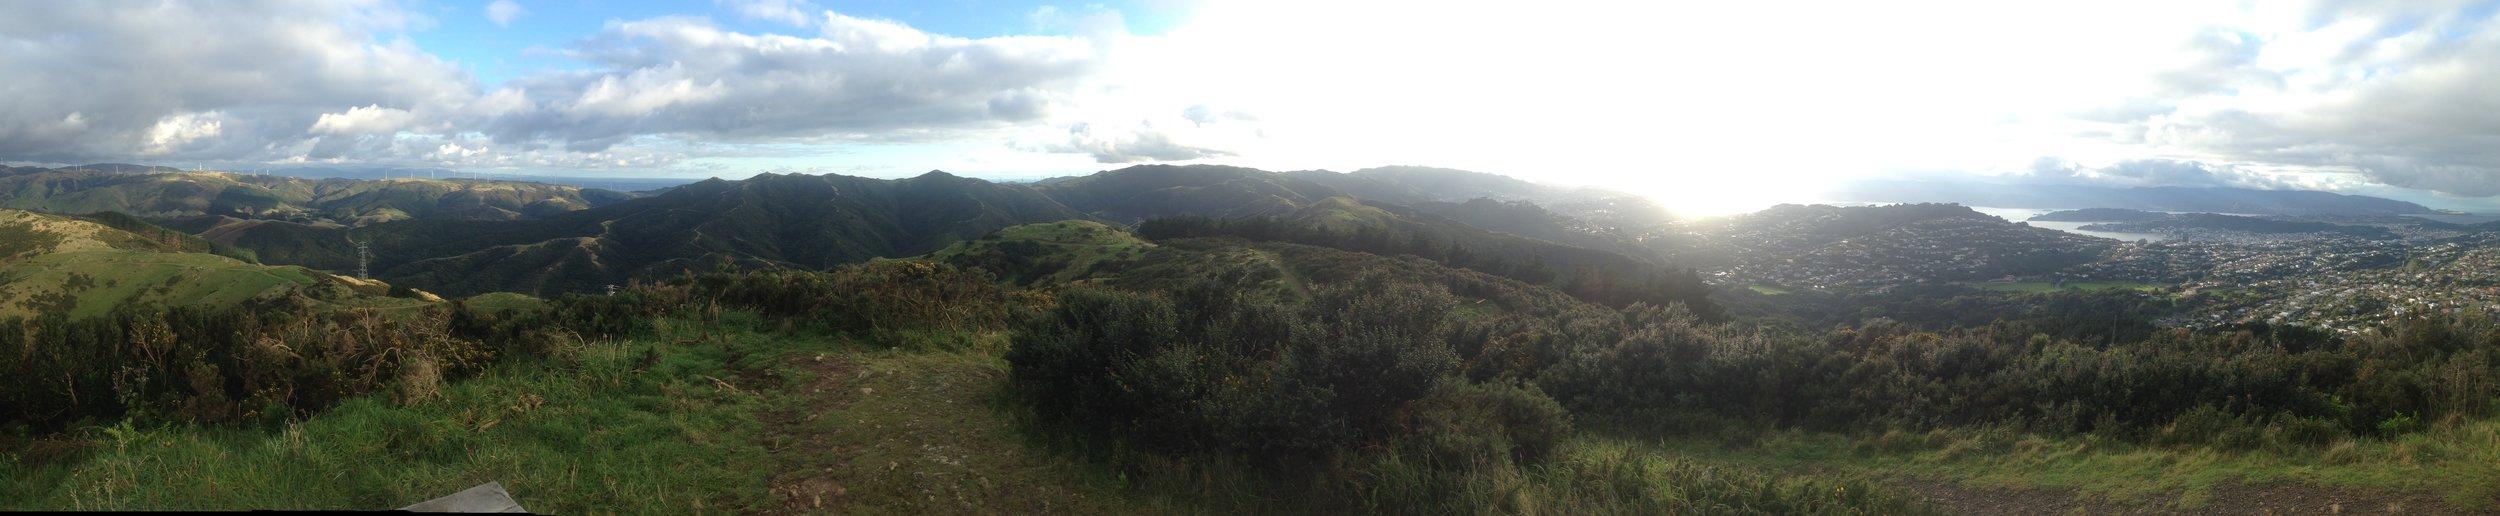 The skyline trial above Wellington